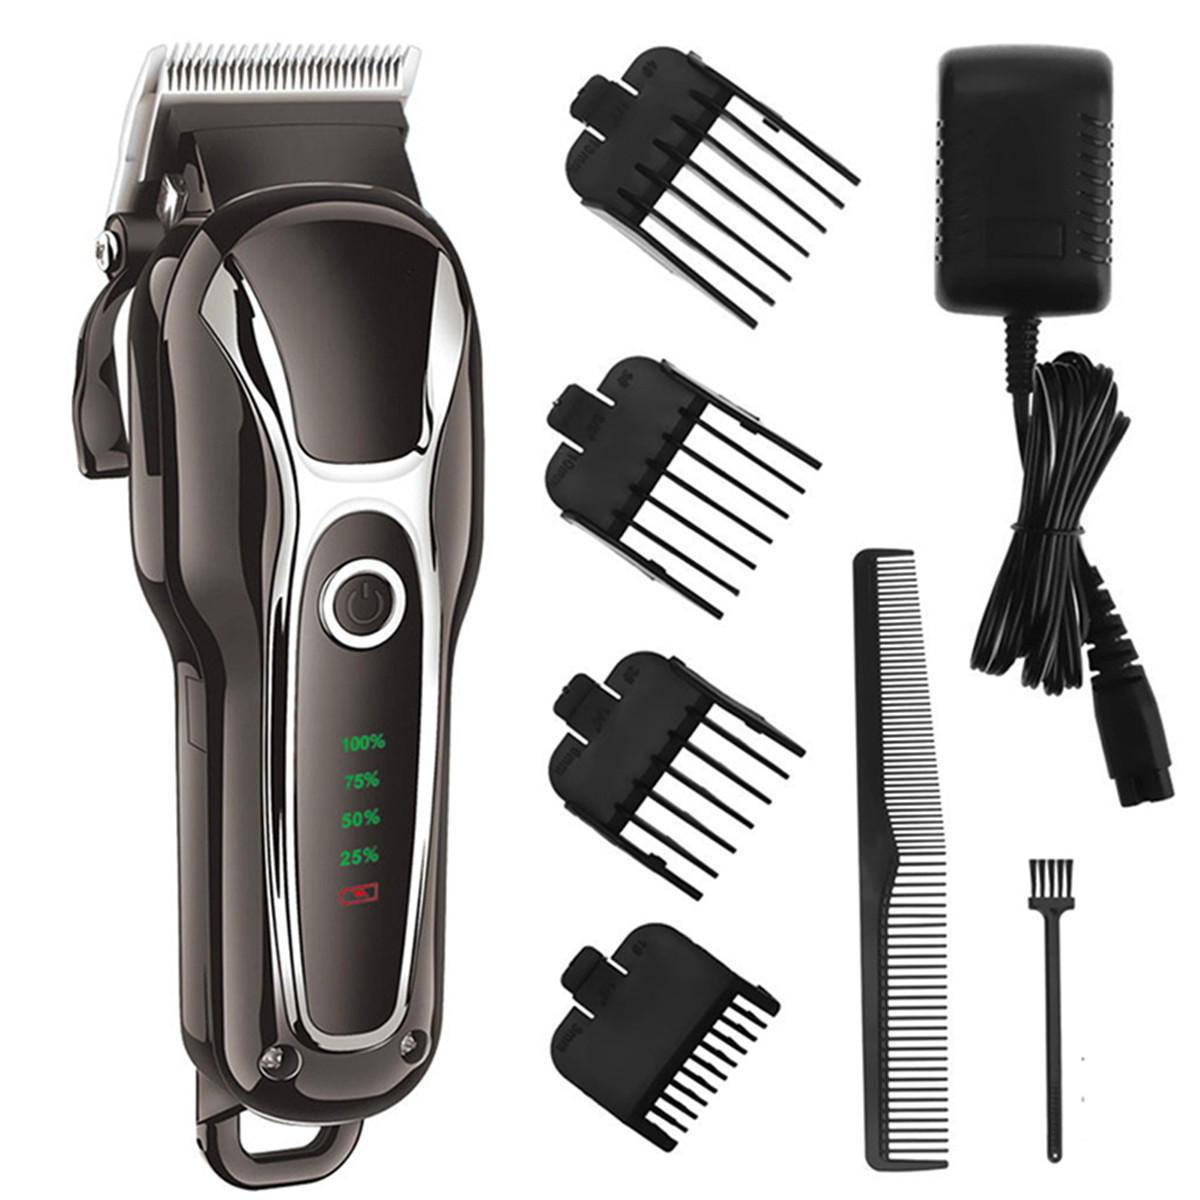 SURKER Barber Salon Tondeuse Électrique Tondeuse Rechargeable Tondeuse Barbe Rasoir Rasoir De Toilettage Lame En Acier D'affichage Lavable